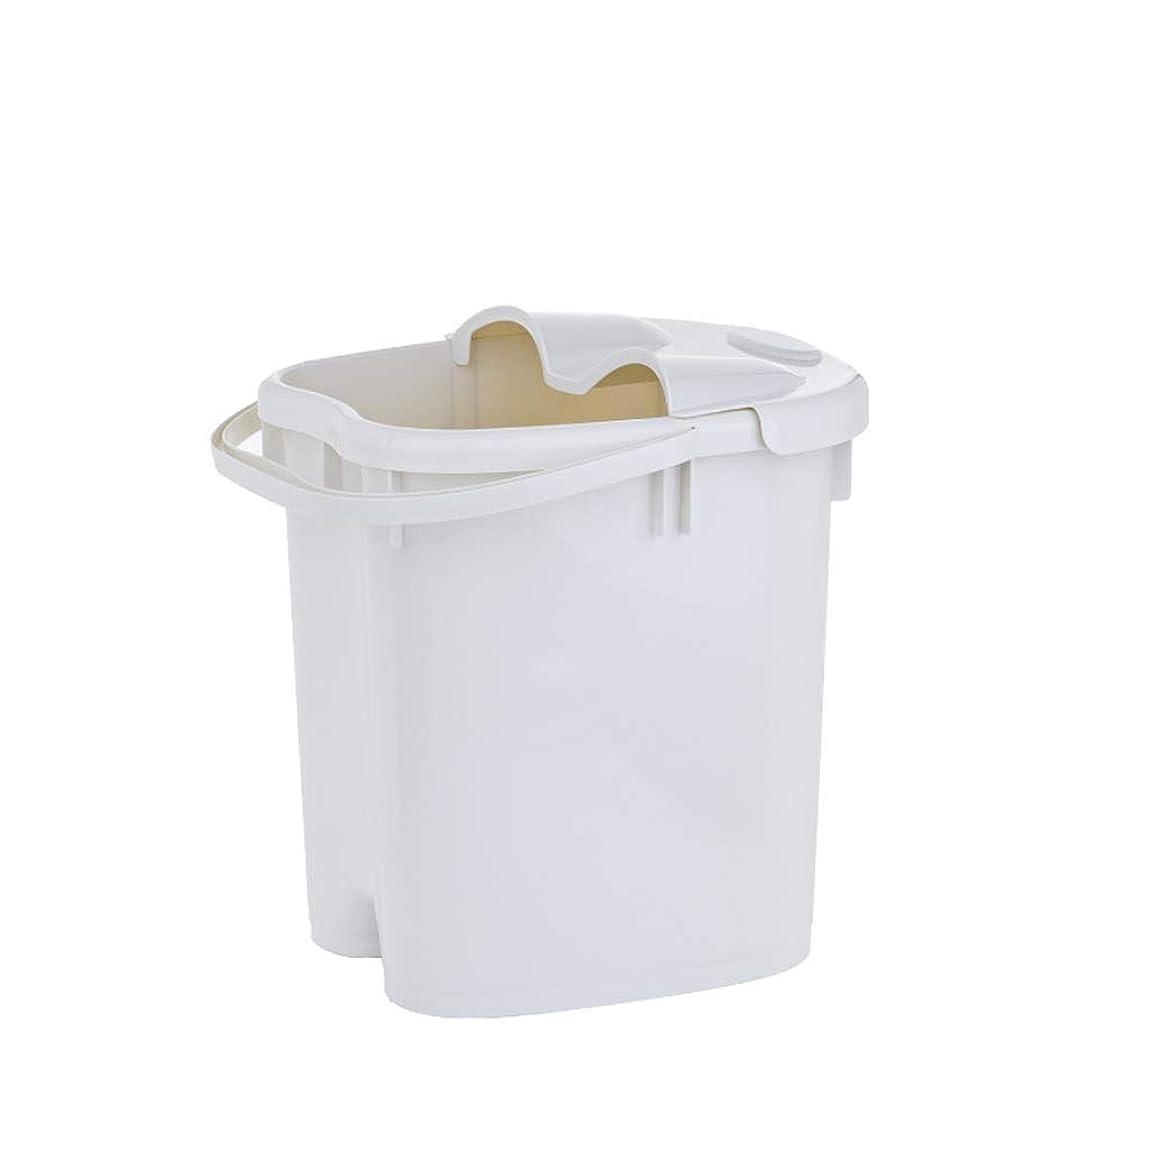 同盟胴体実行フットバスバレル- ?AMTシンプルな和風マッサージ浴槽ポータブル足湯バケツプラスチック付きふた保温足浴槽 Relax foot (色 : 白, サイズ さいず : 39cm high)